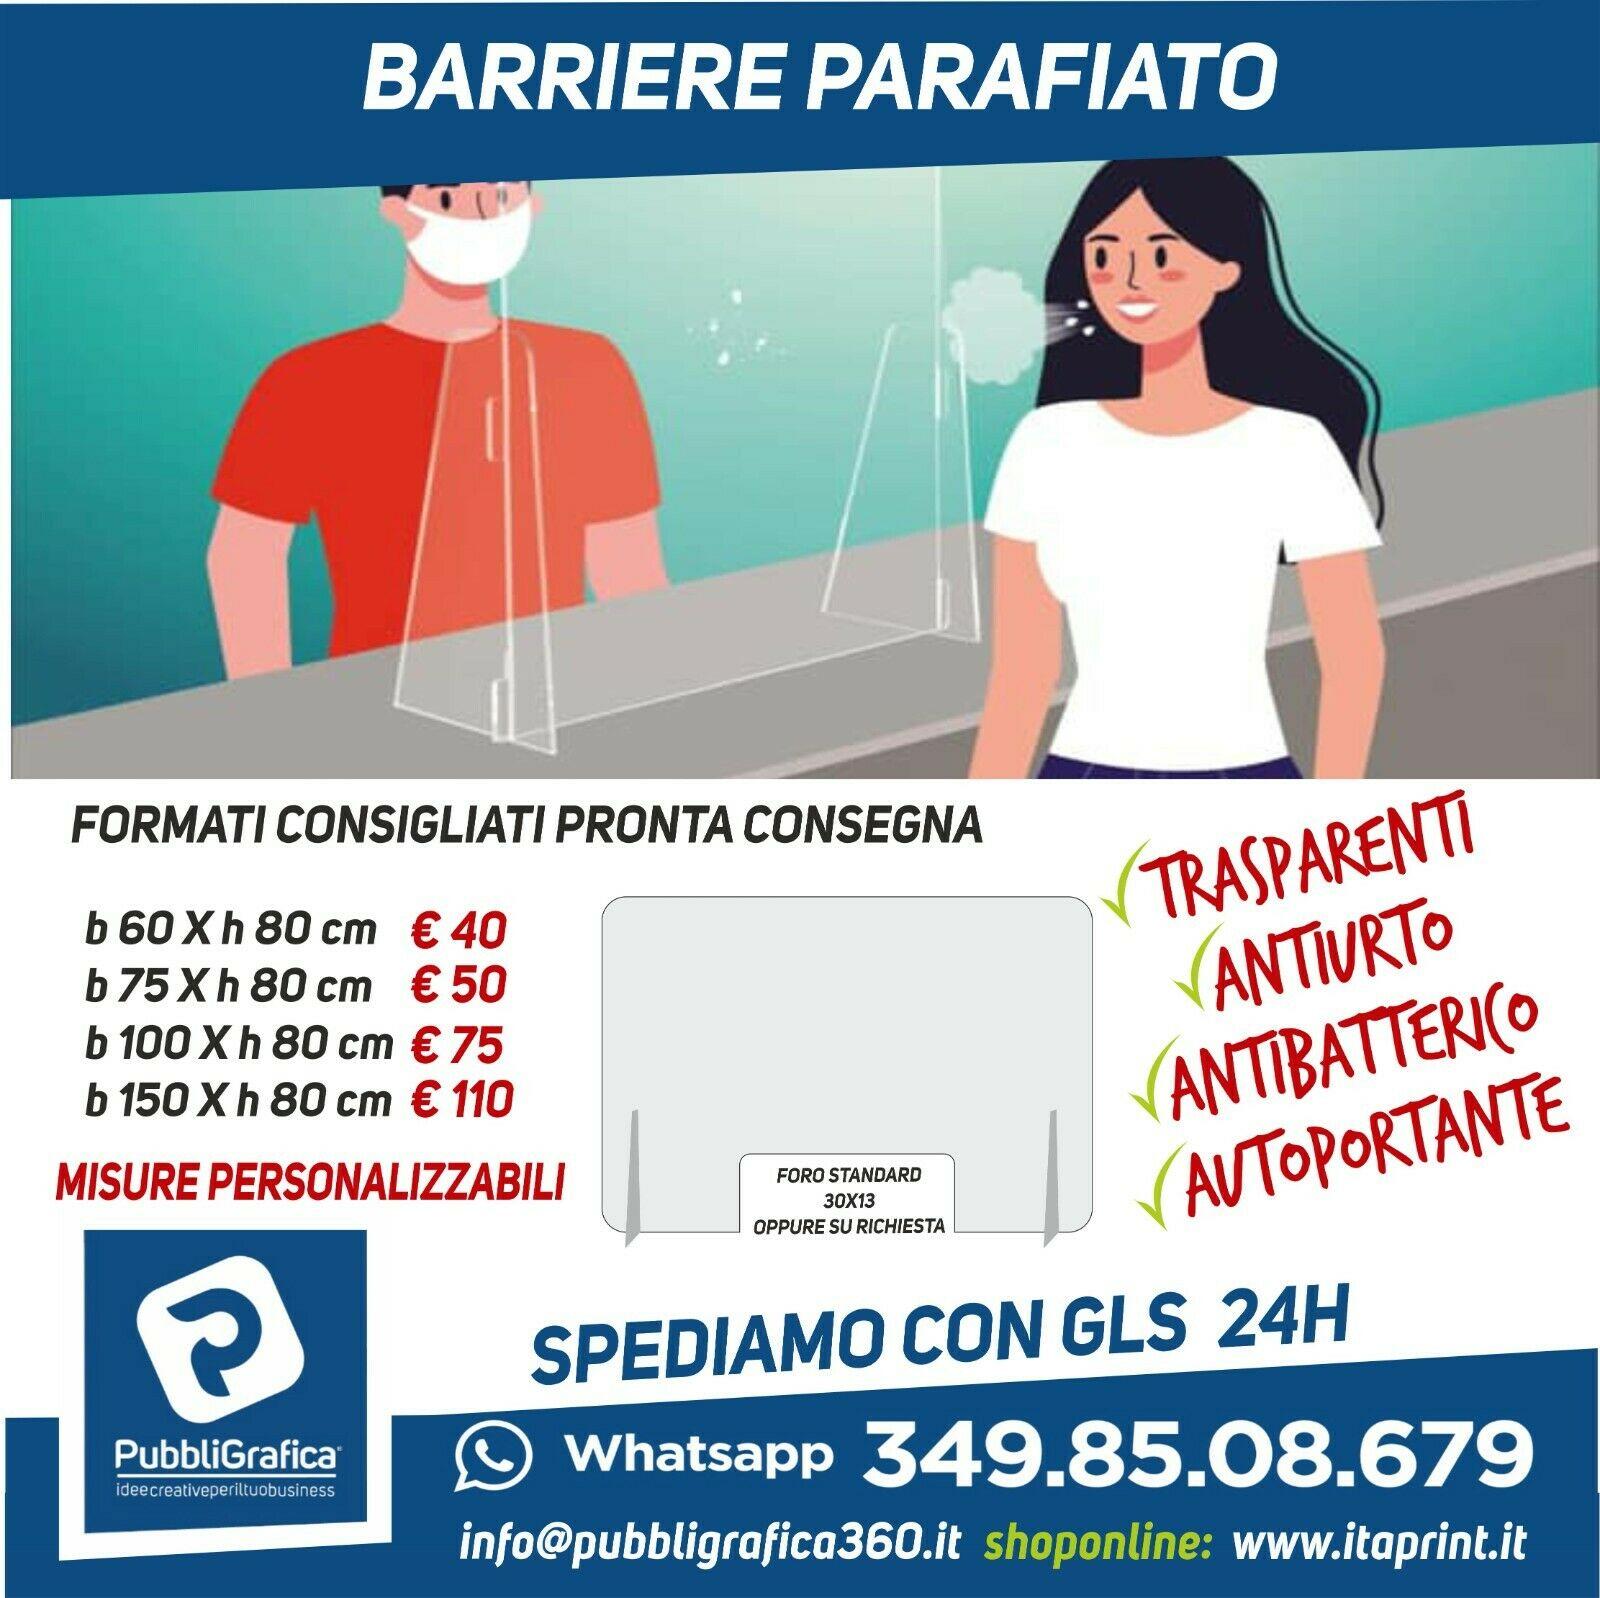 Pannelli Parafiato Protezione Coronavirus [eBay]